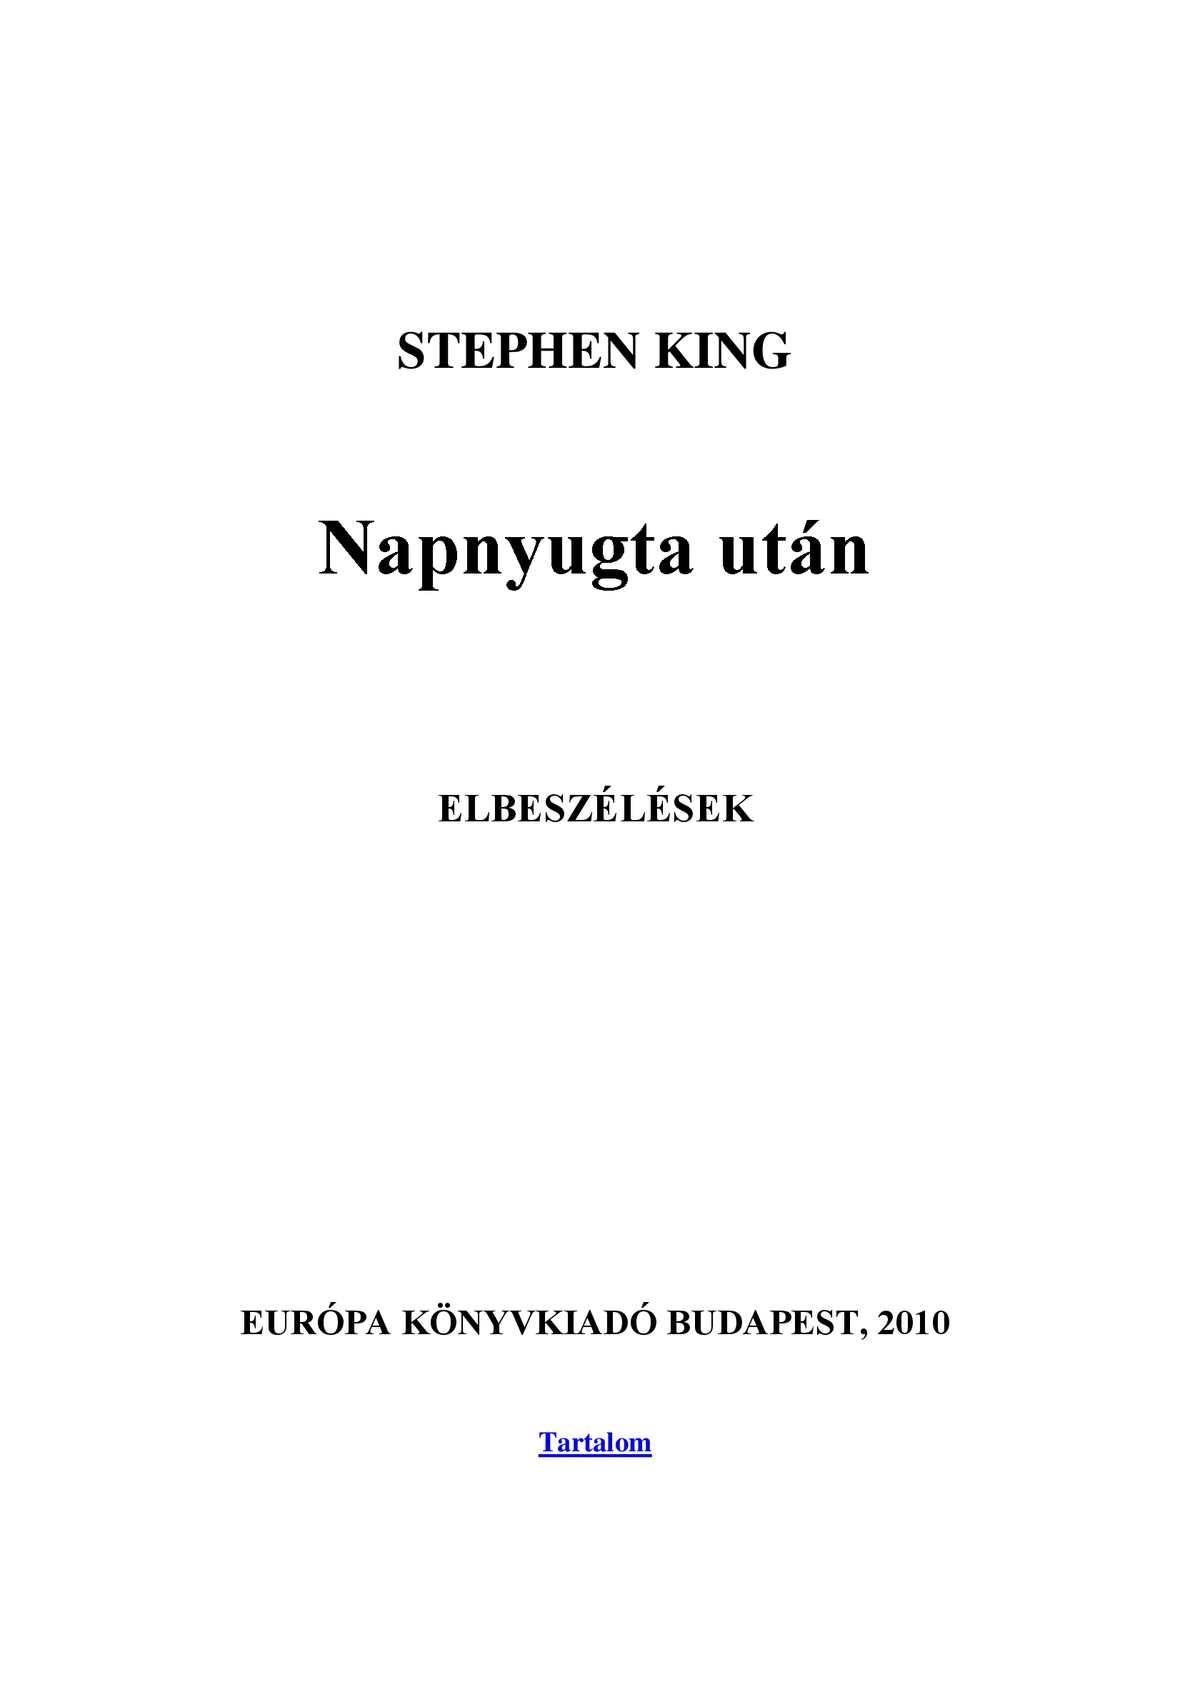 Calaméo - Stephen King - Napnyugta után 889fdc068e